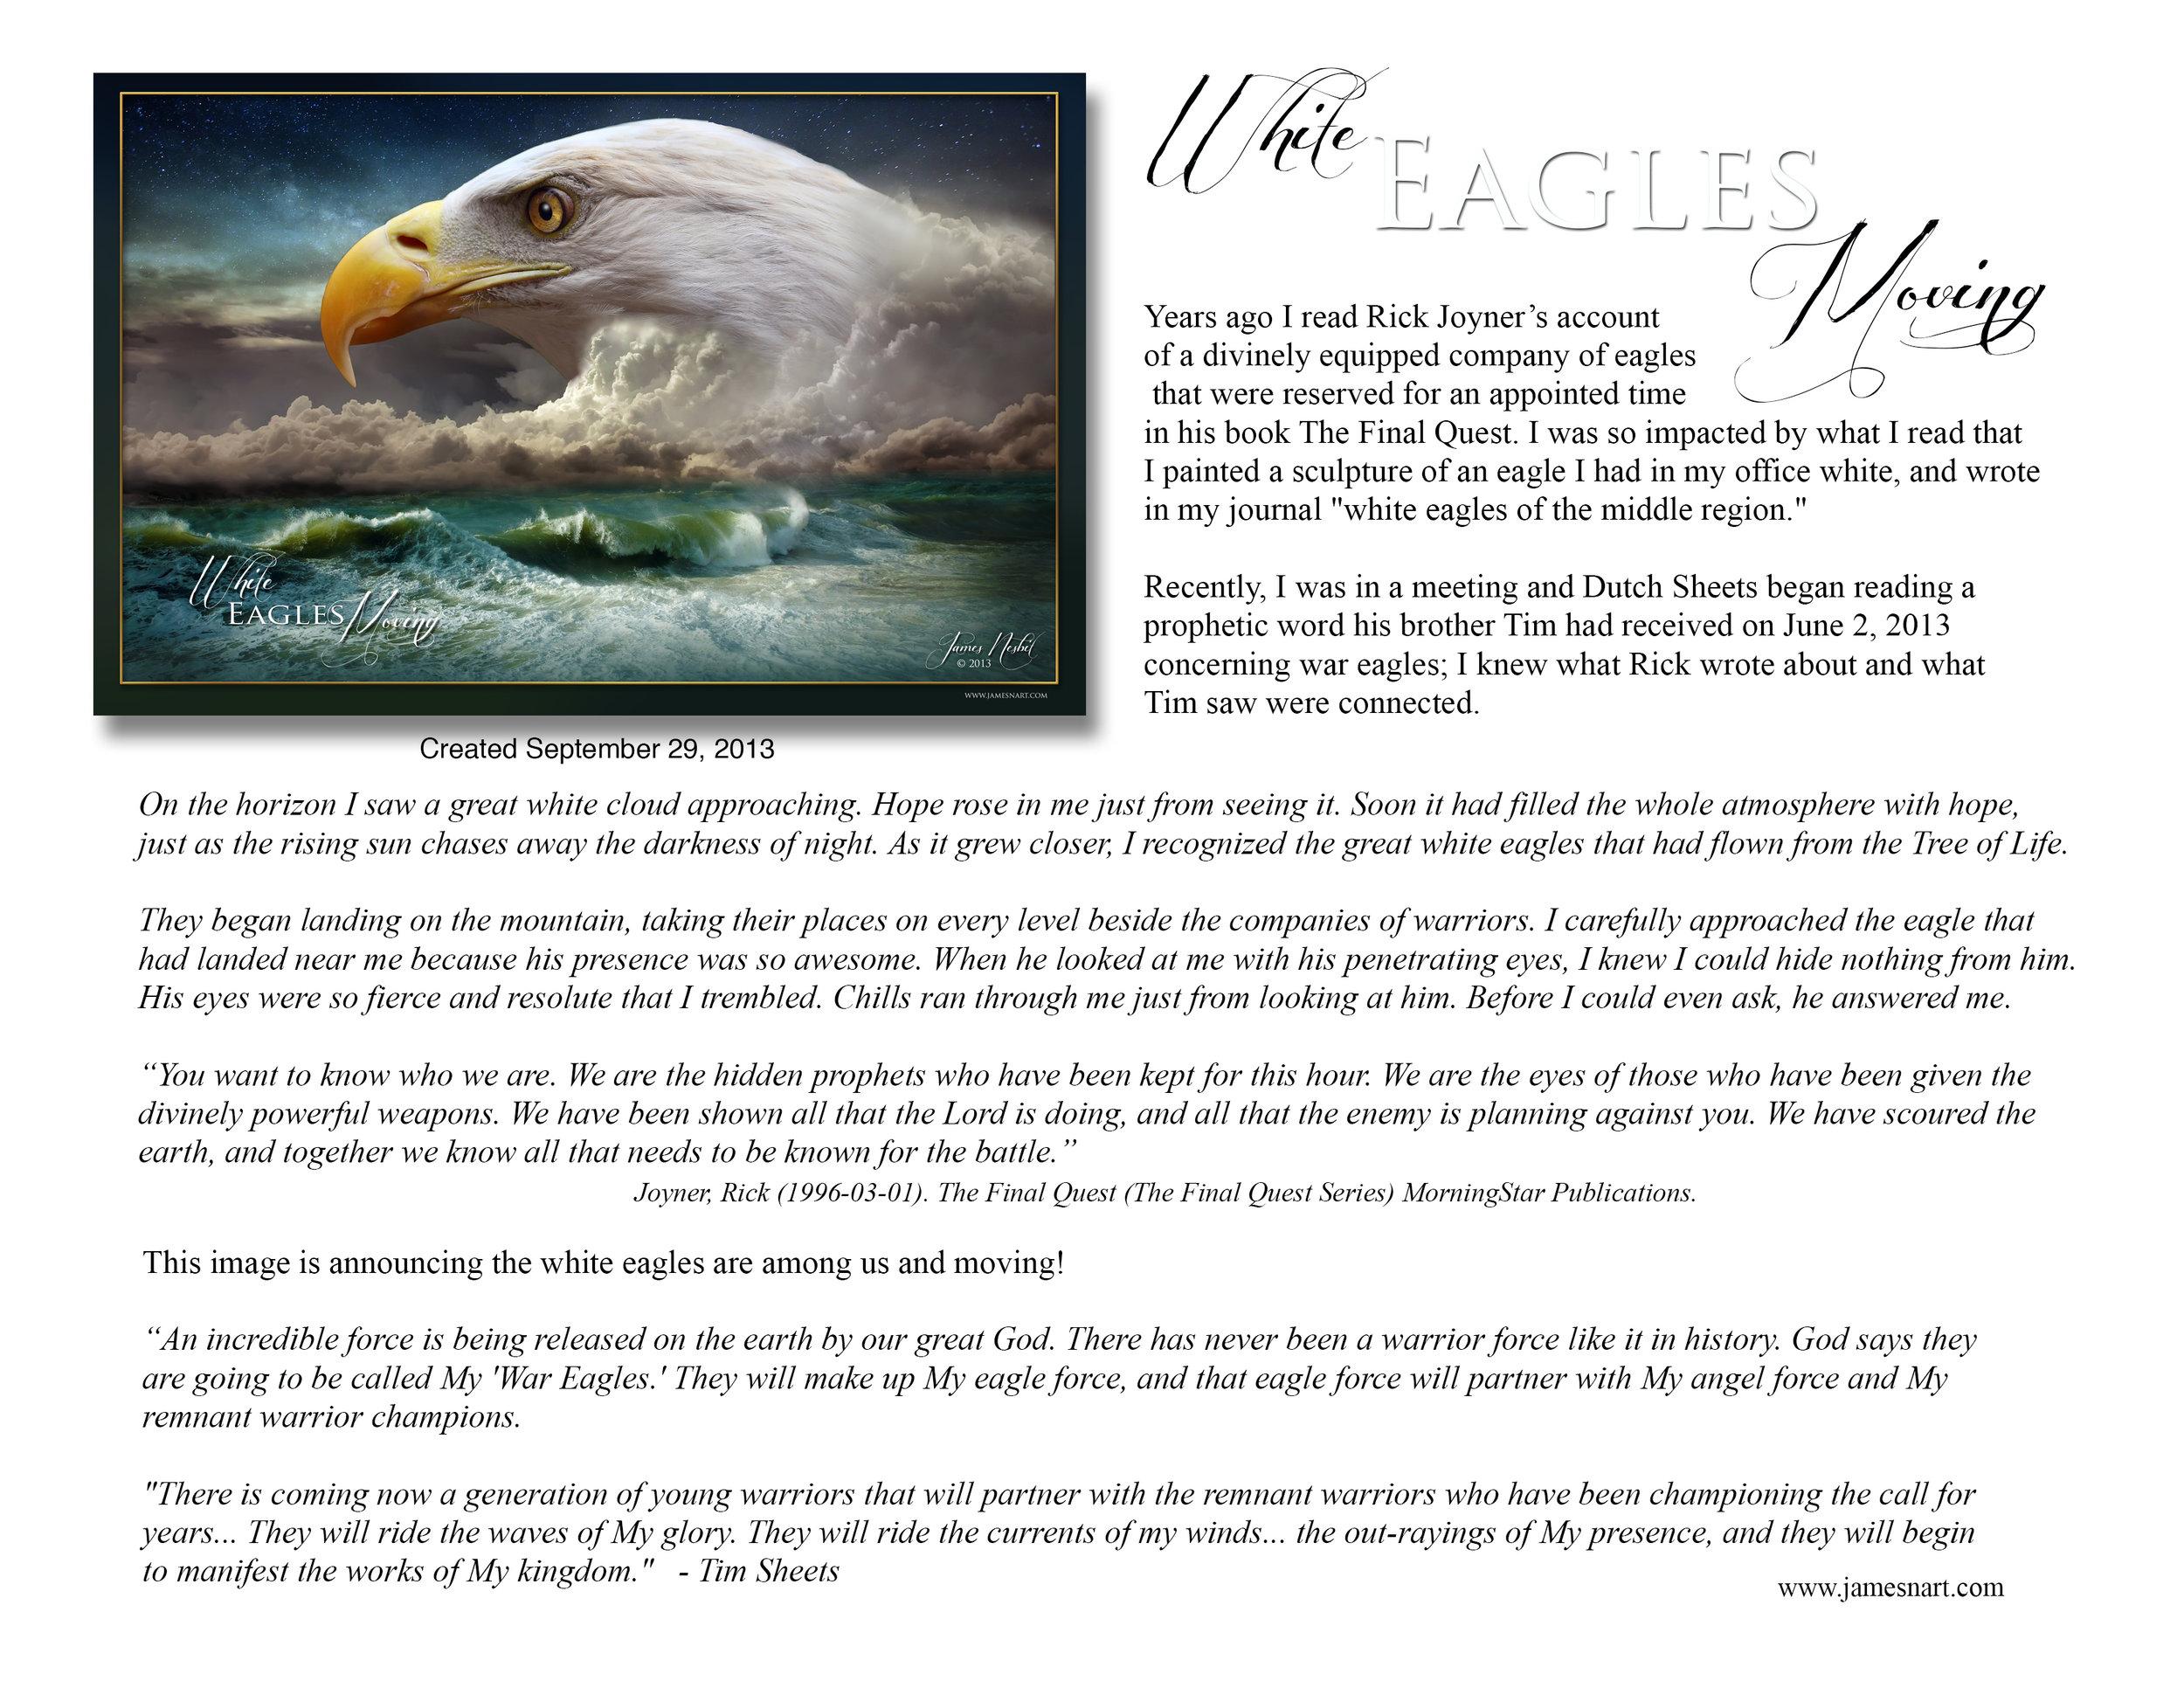 White Eagles Moving description .jpg